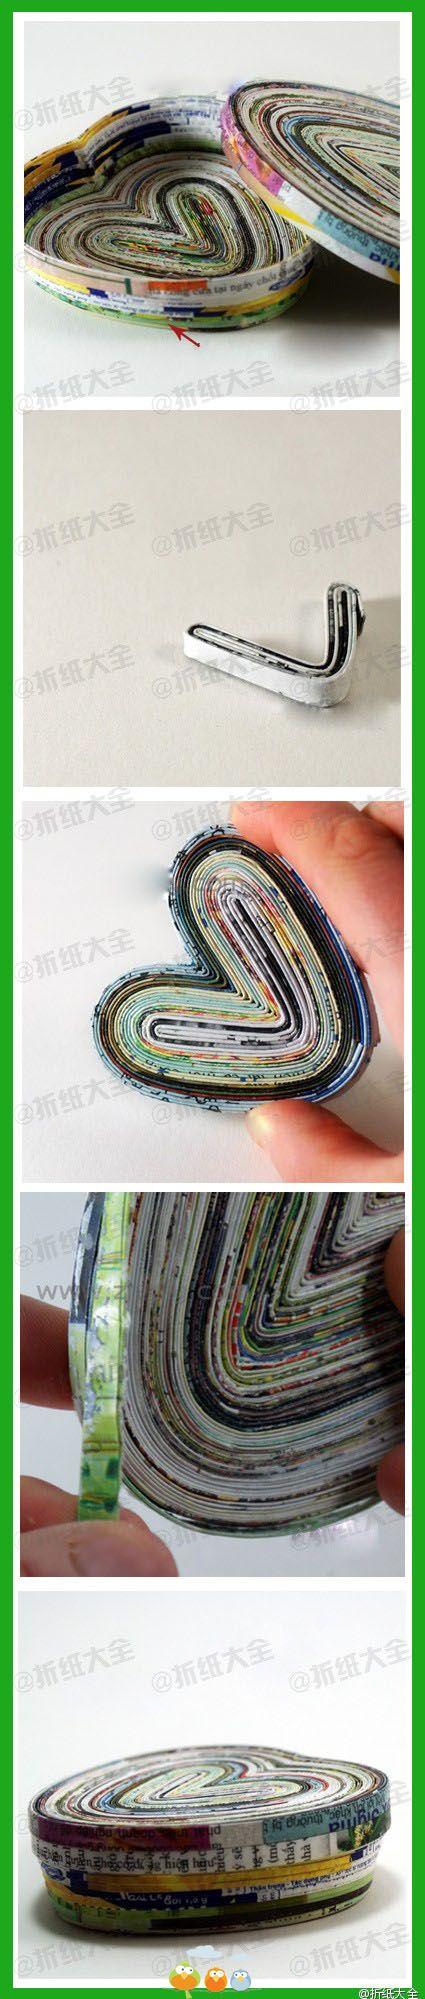 DIY Upcycled Magazines Heart Shaped Box